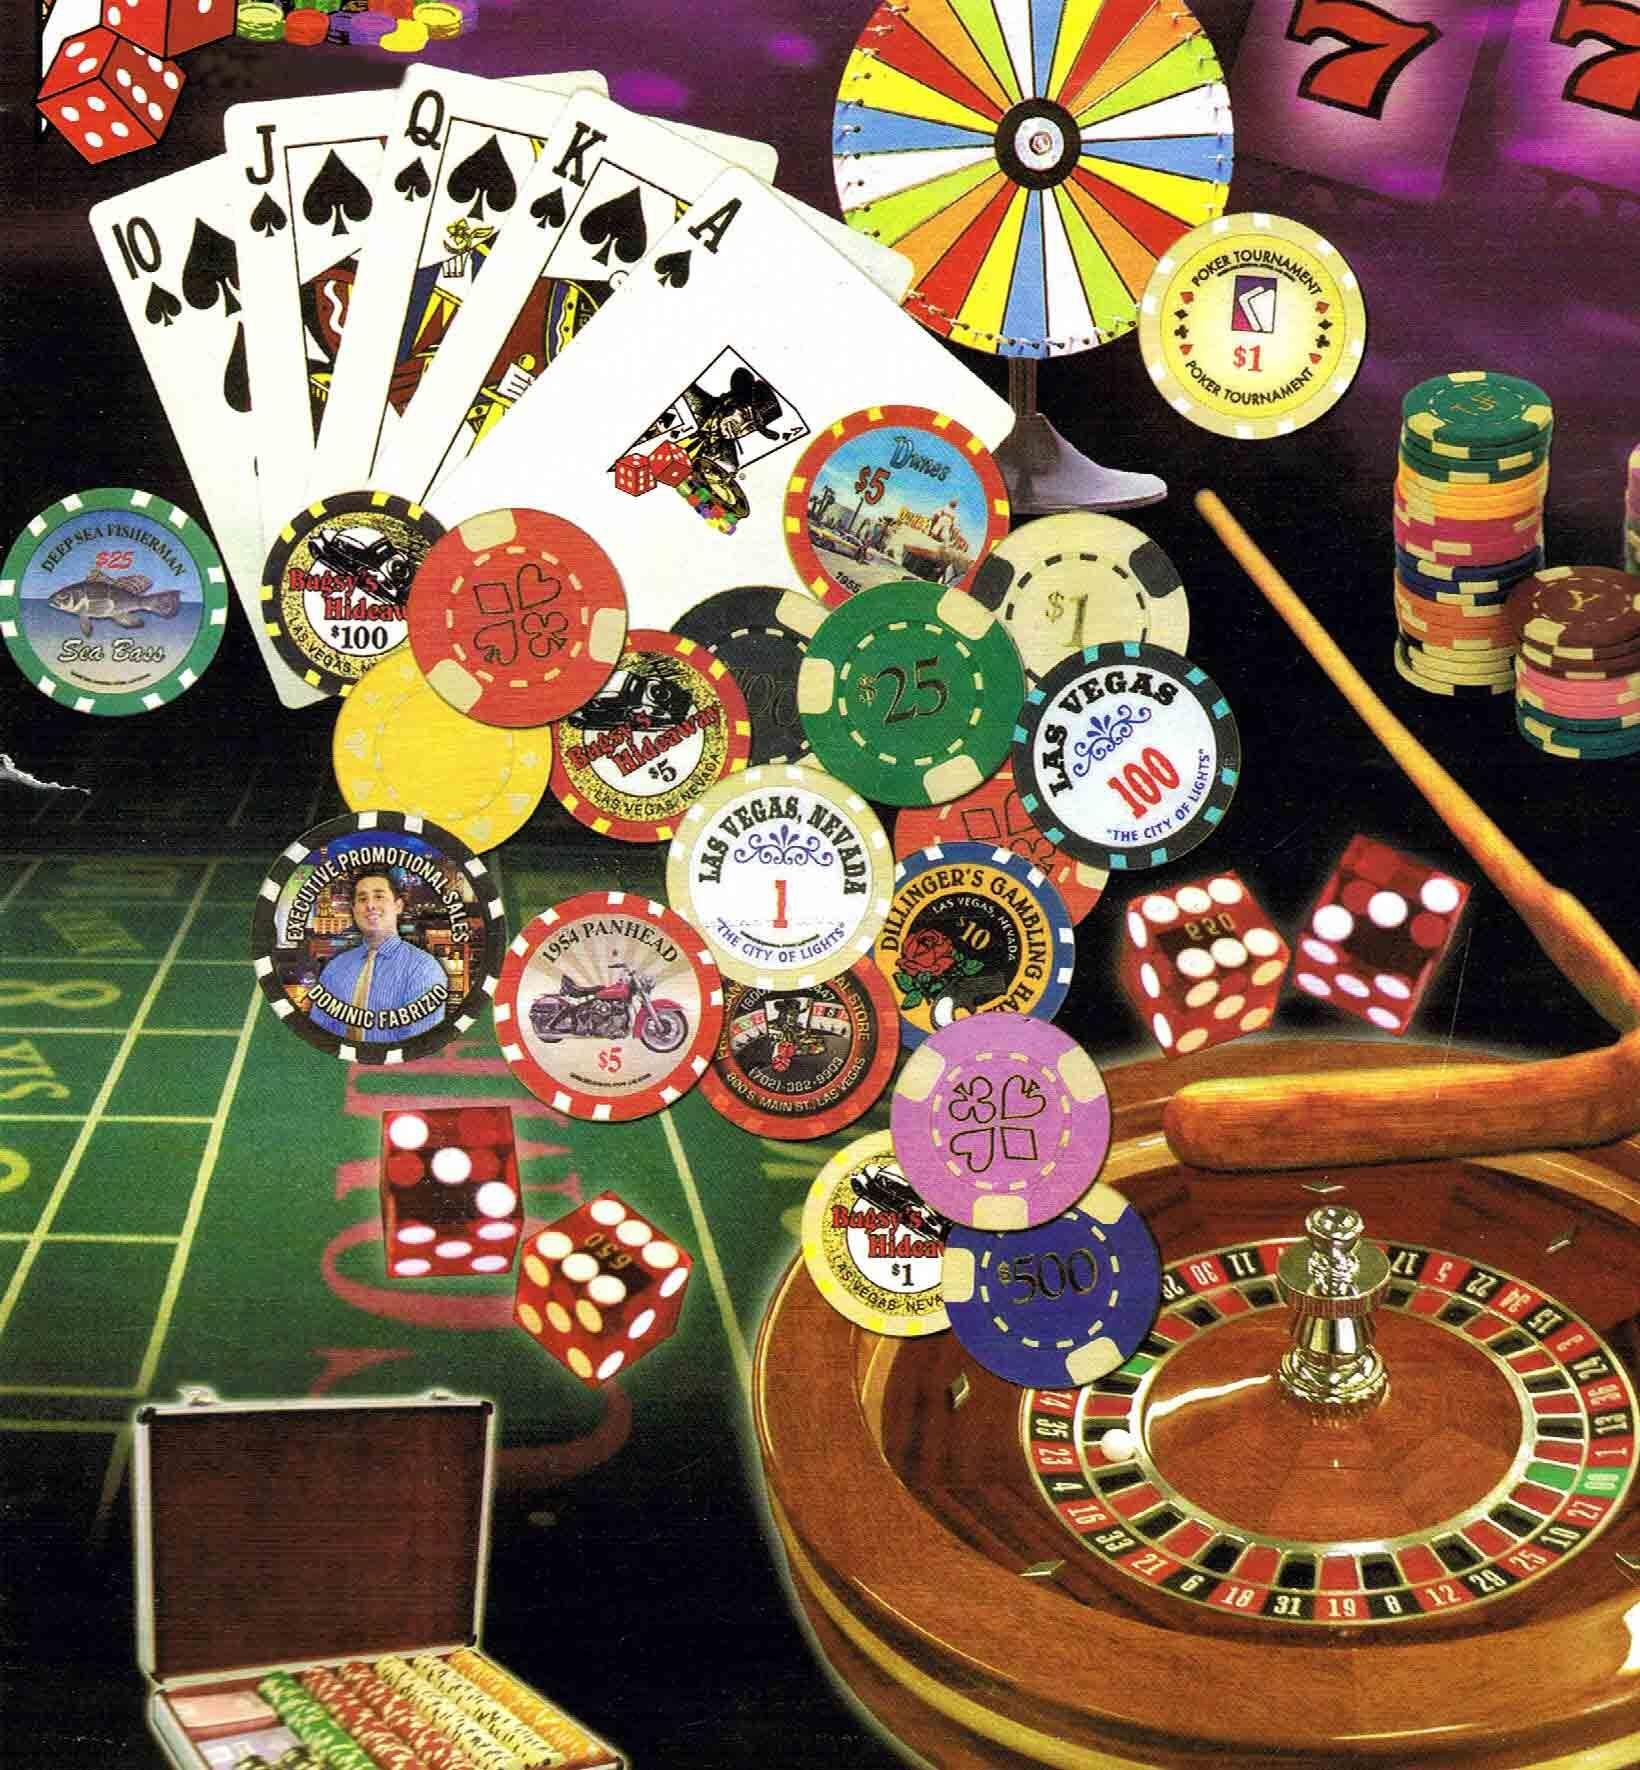 Google juegos de casino en línea apr-891